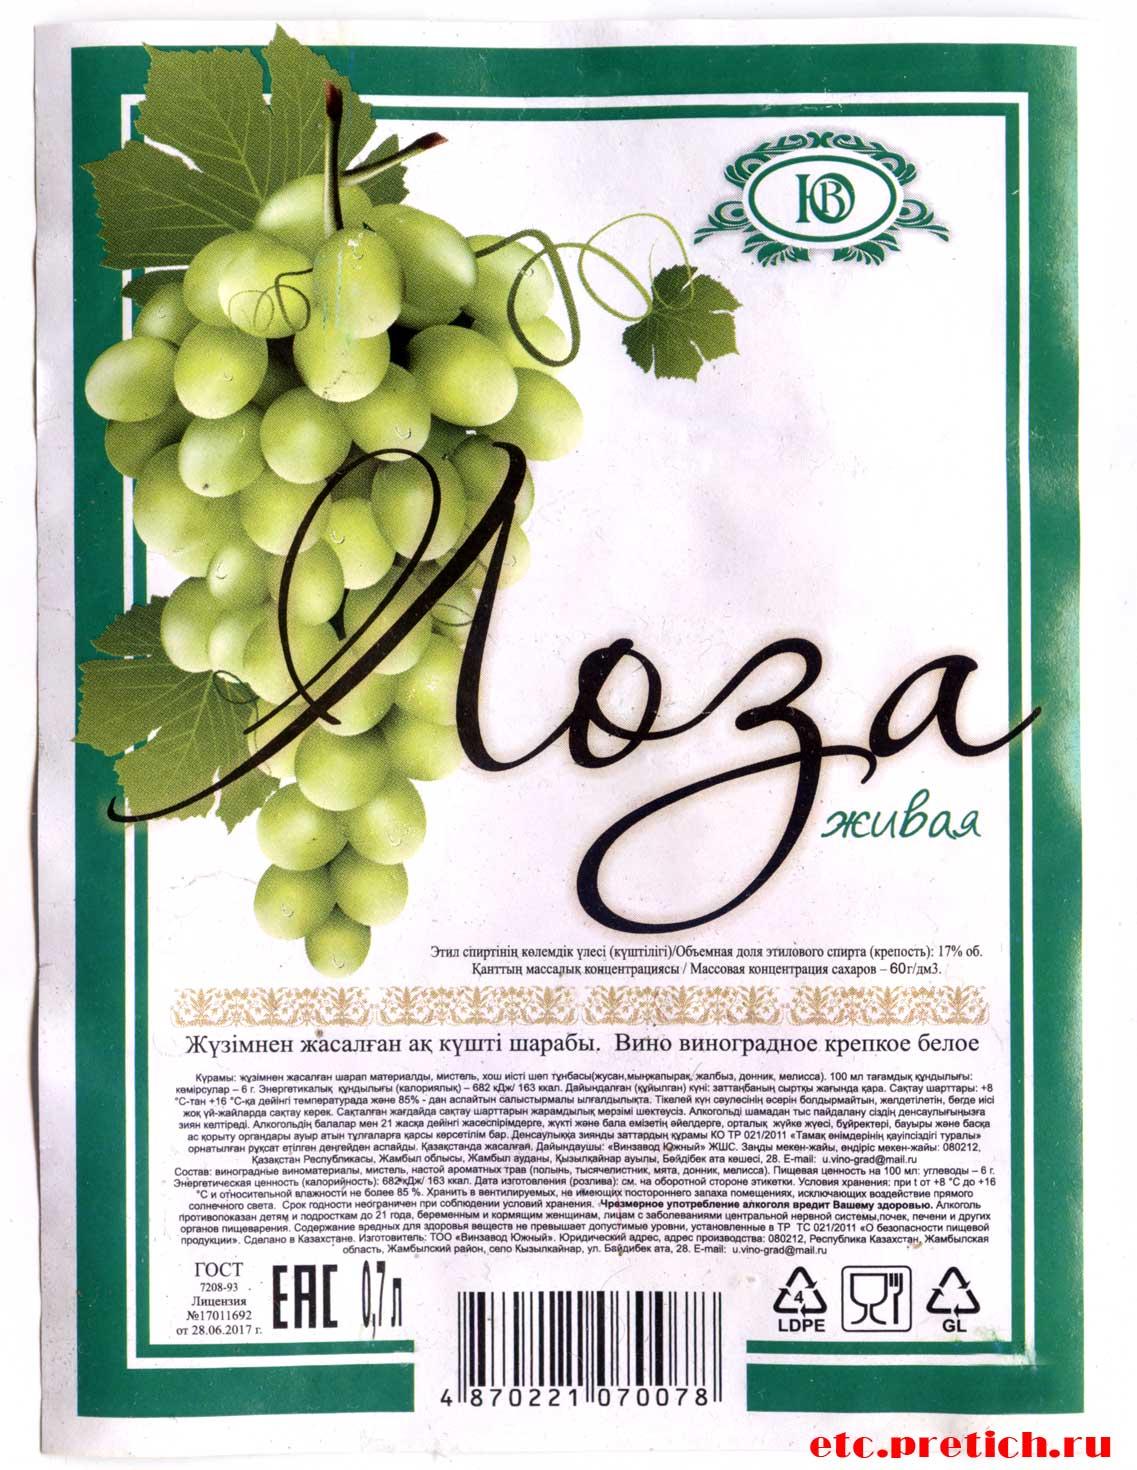 Этикетка Лоза живая - вино белое и крепкое, дешевое, для люмпенов